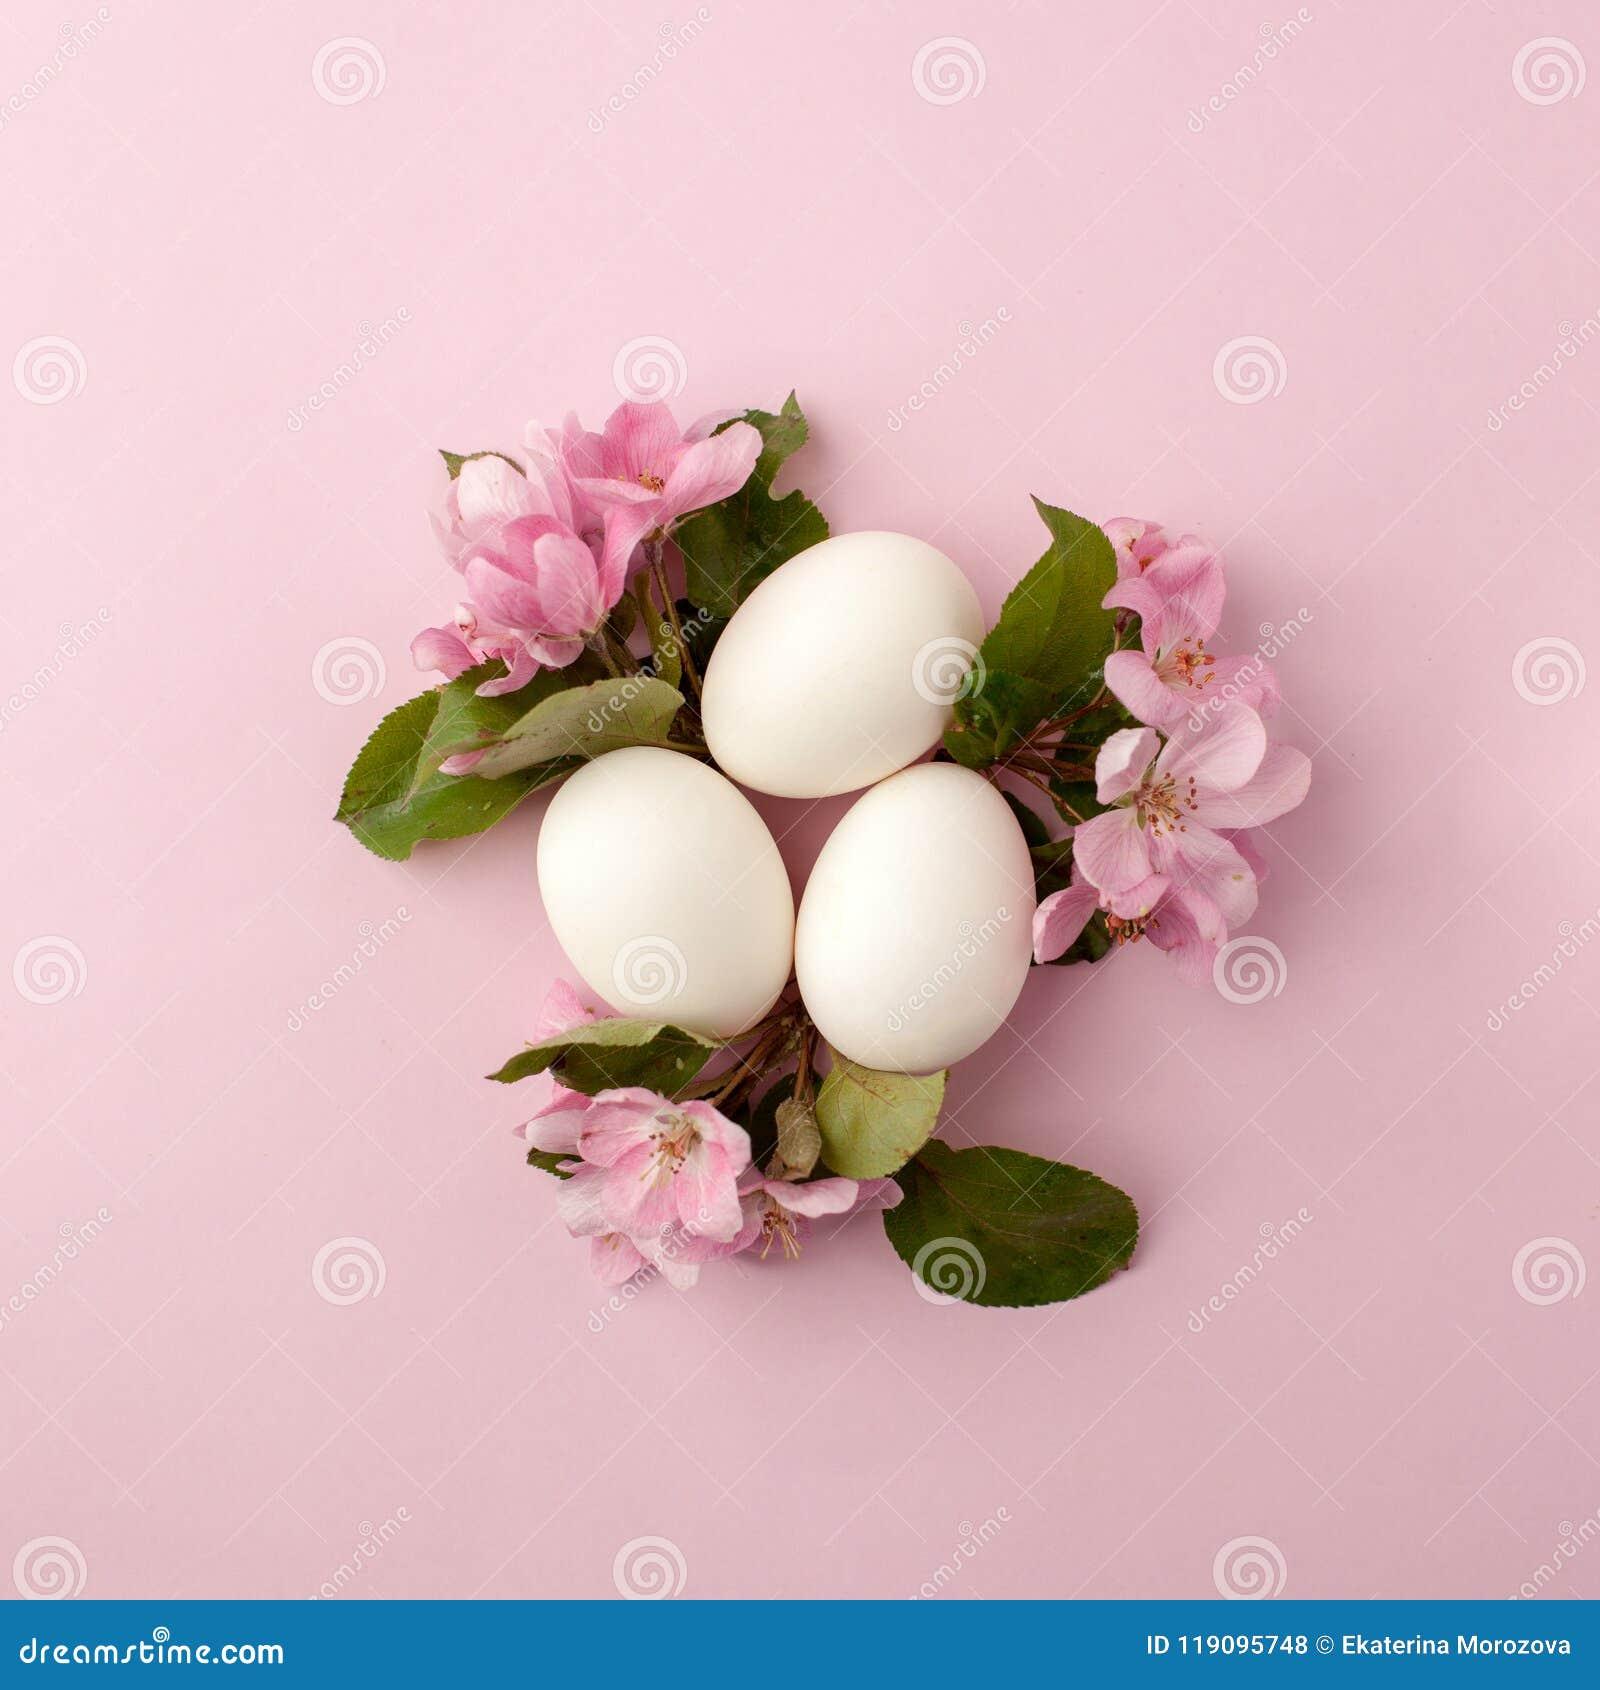 Αυγά Πάσχας και ρόδινα λουλούδια στο άσπρο υπόβαθρο Το επίπεδο φωλιών Πάσχας βάζει, τοπ άποψη, έννοια της άνοιξη, θηλυκότητα και